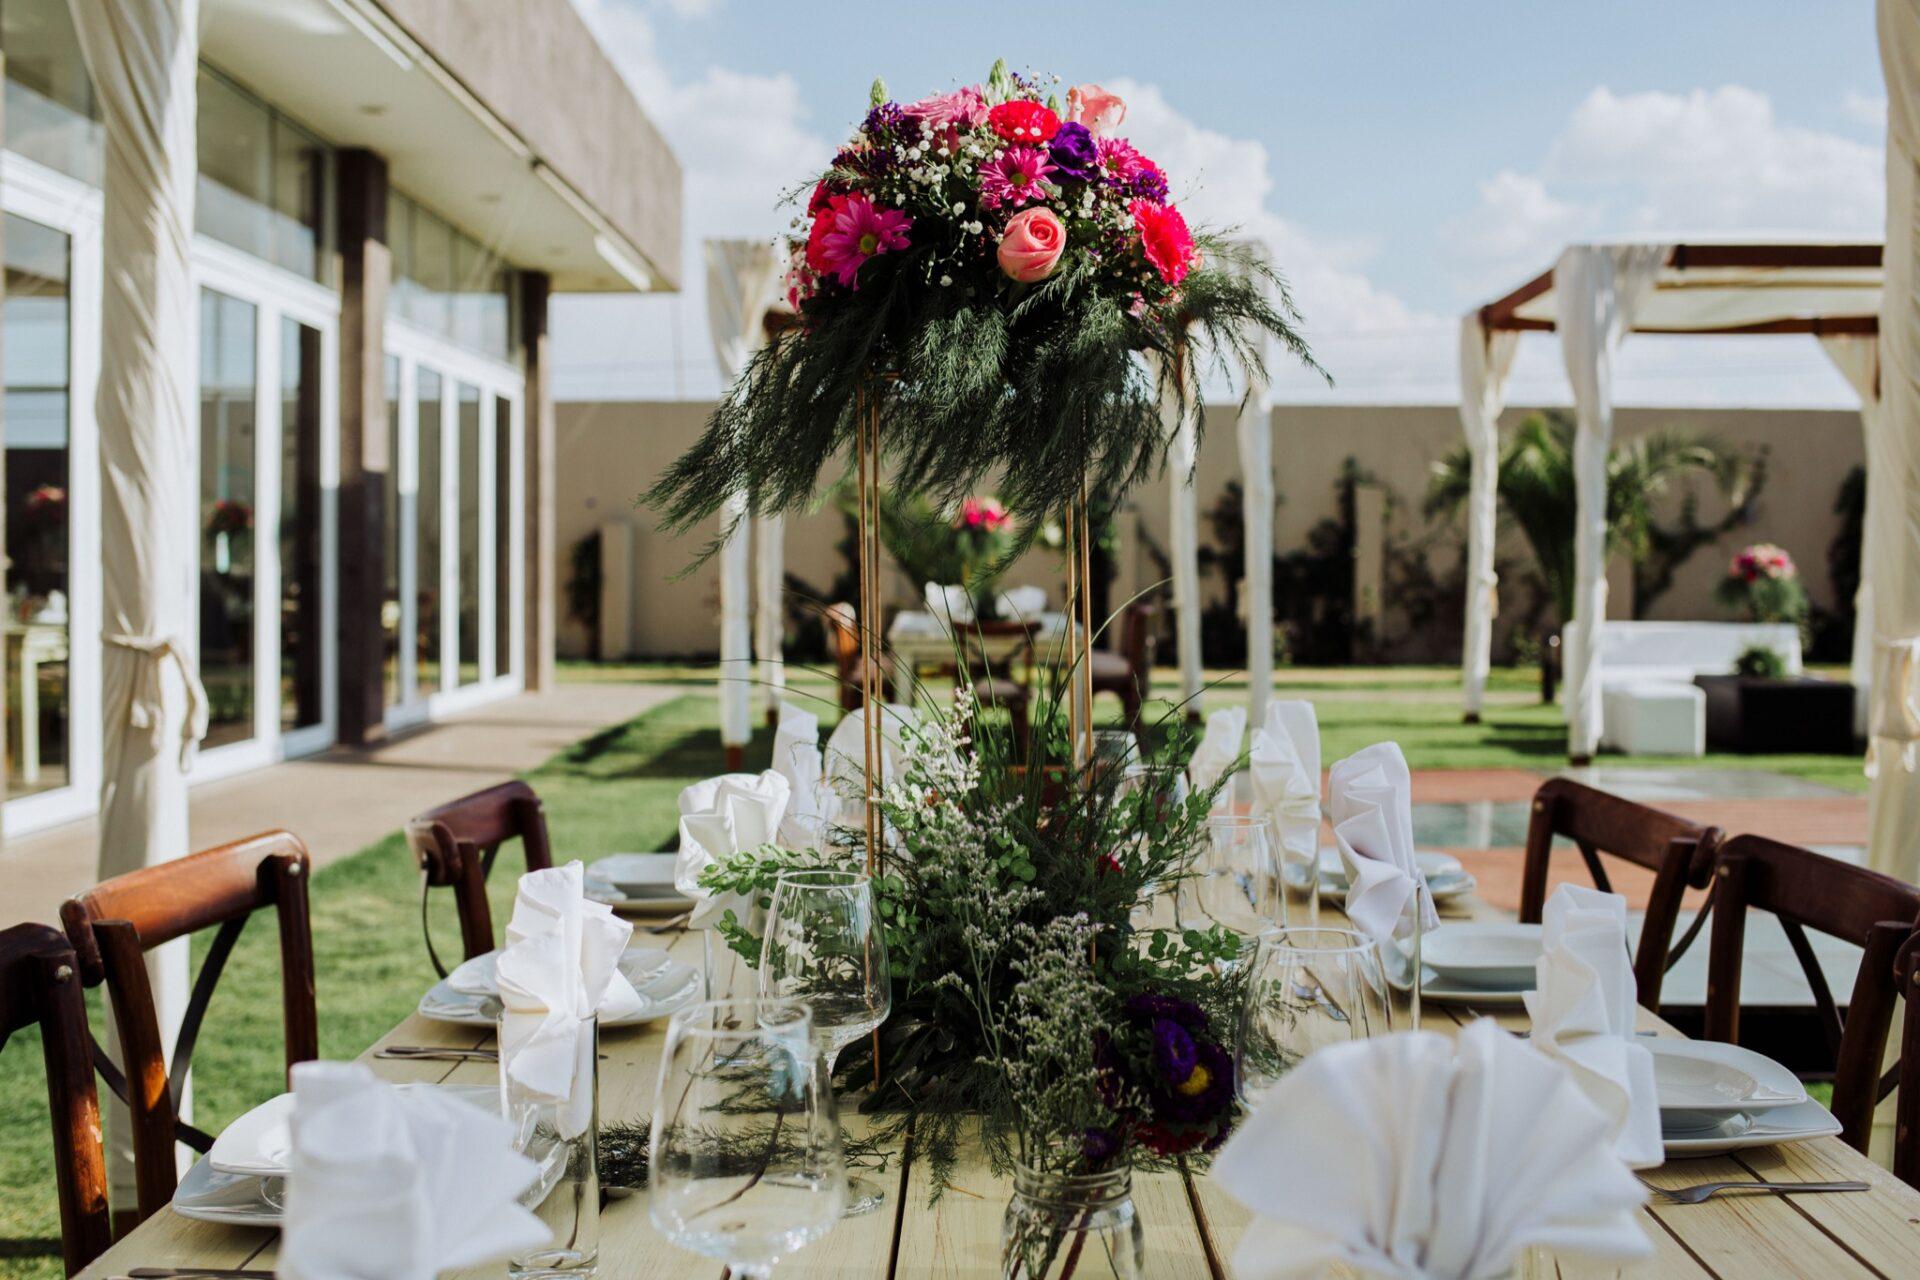 javier_noriega_fotografo_bodas_alicia_garden_zacatecas_wedding_photographer3